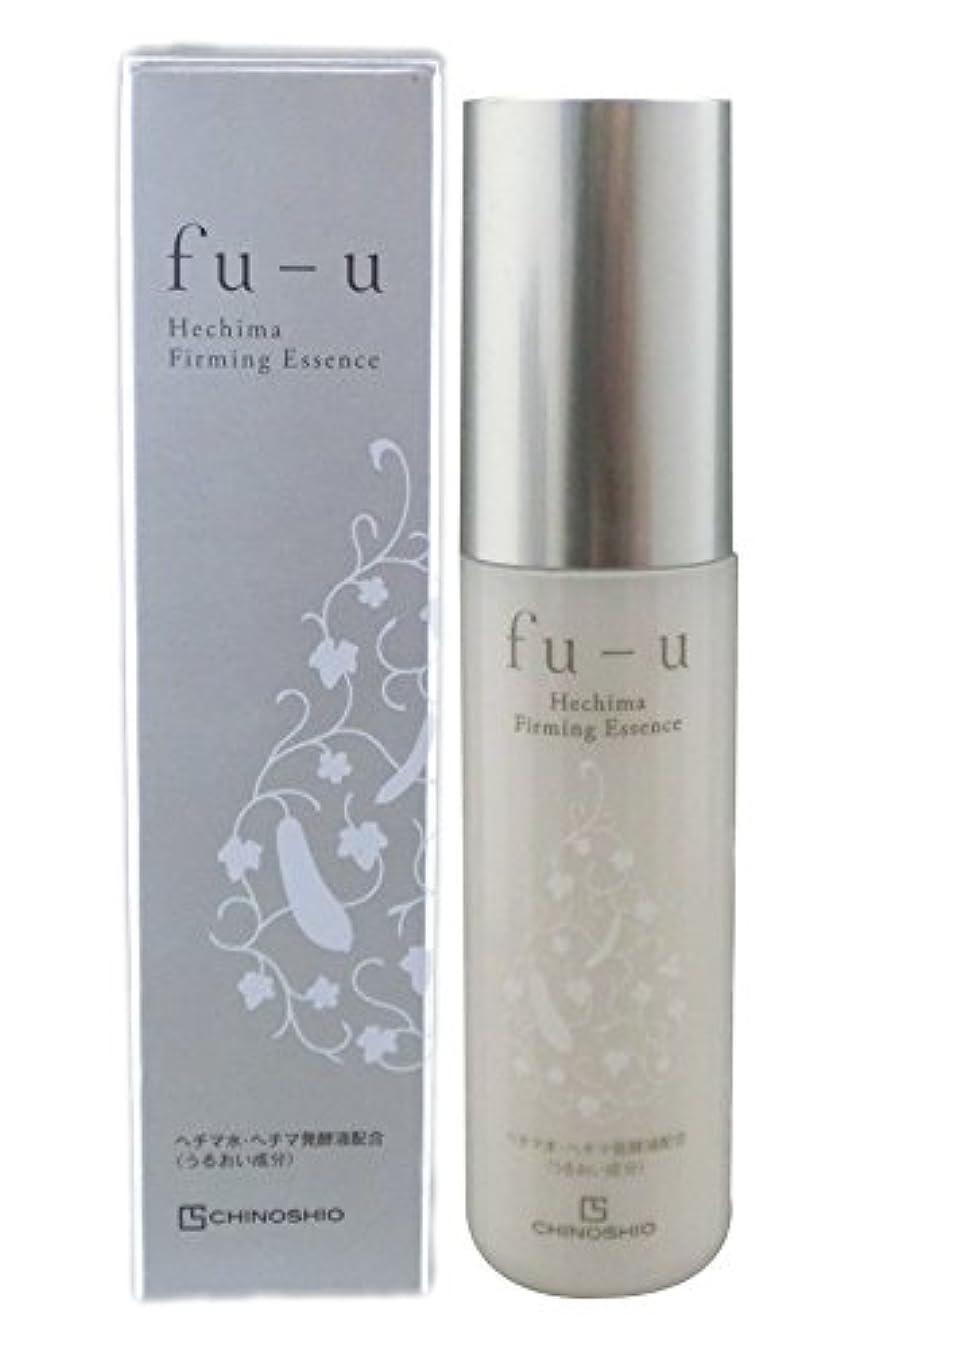 ラジウム工場食料品店fu-u(フゥーゥ) ファーミングエッセンス